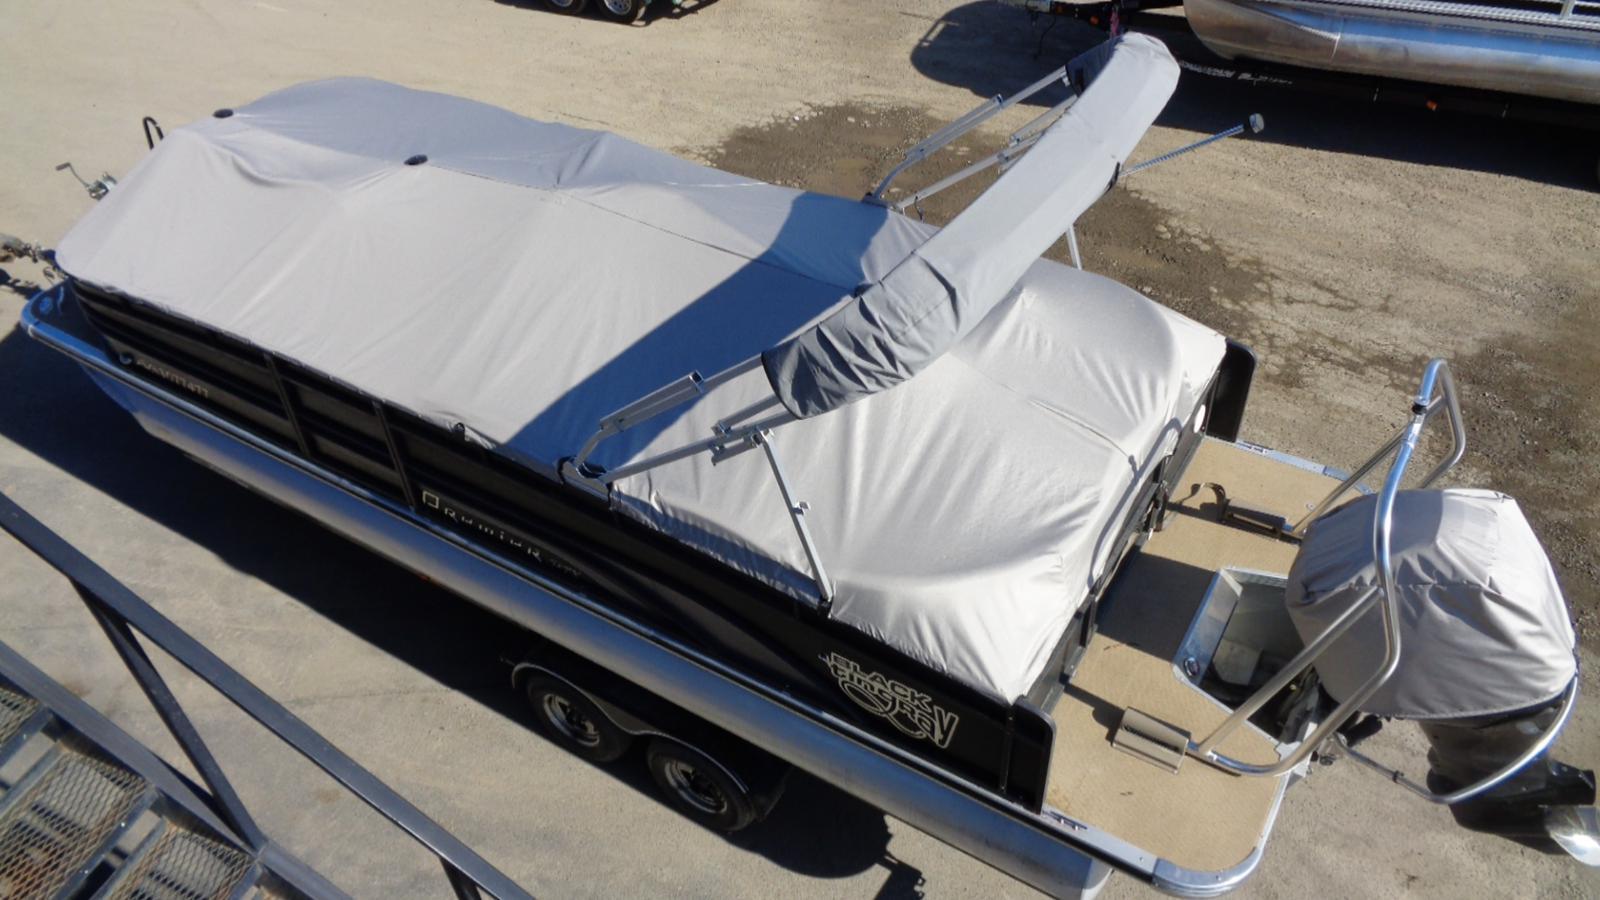 2011 Premier Pontoons boat for sale, model of the boat is 250 Intrique & Image # 4 of 13